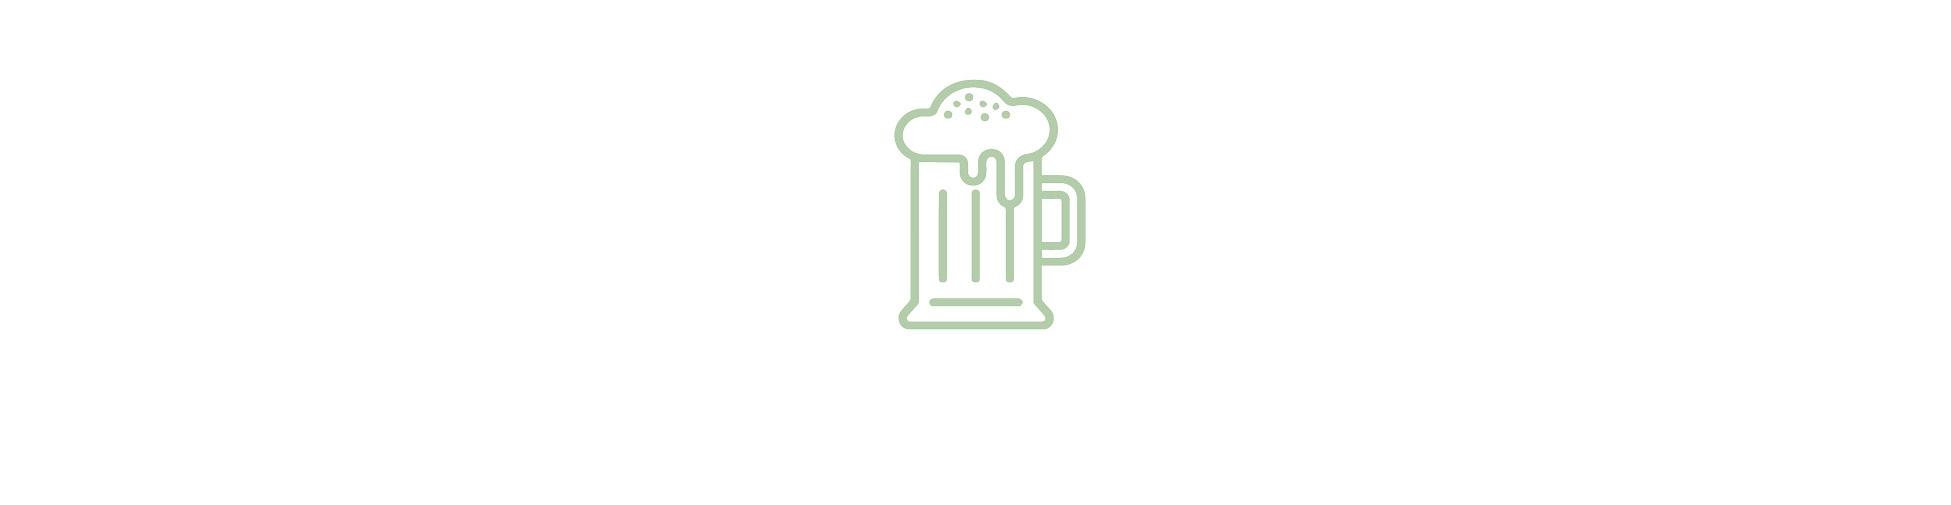 beer wide.jpg